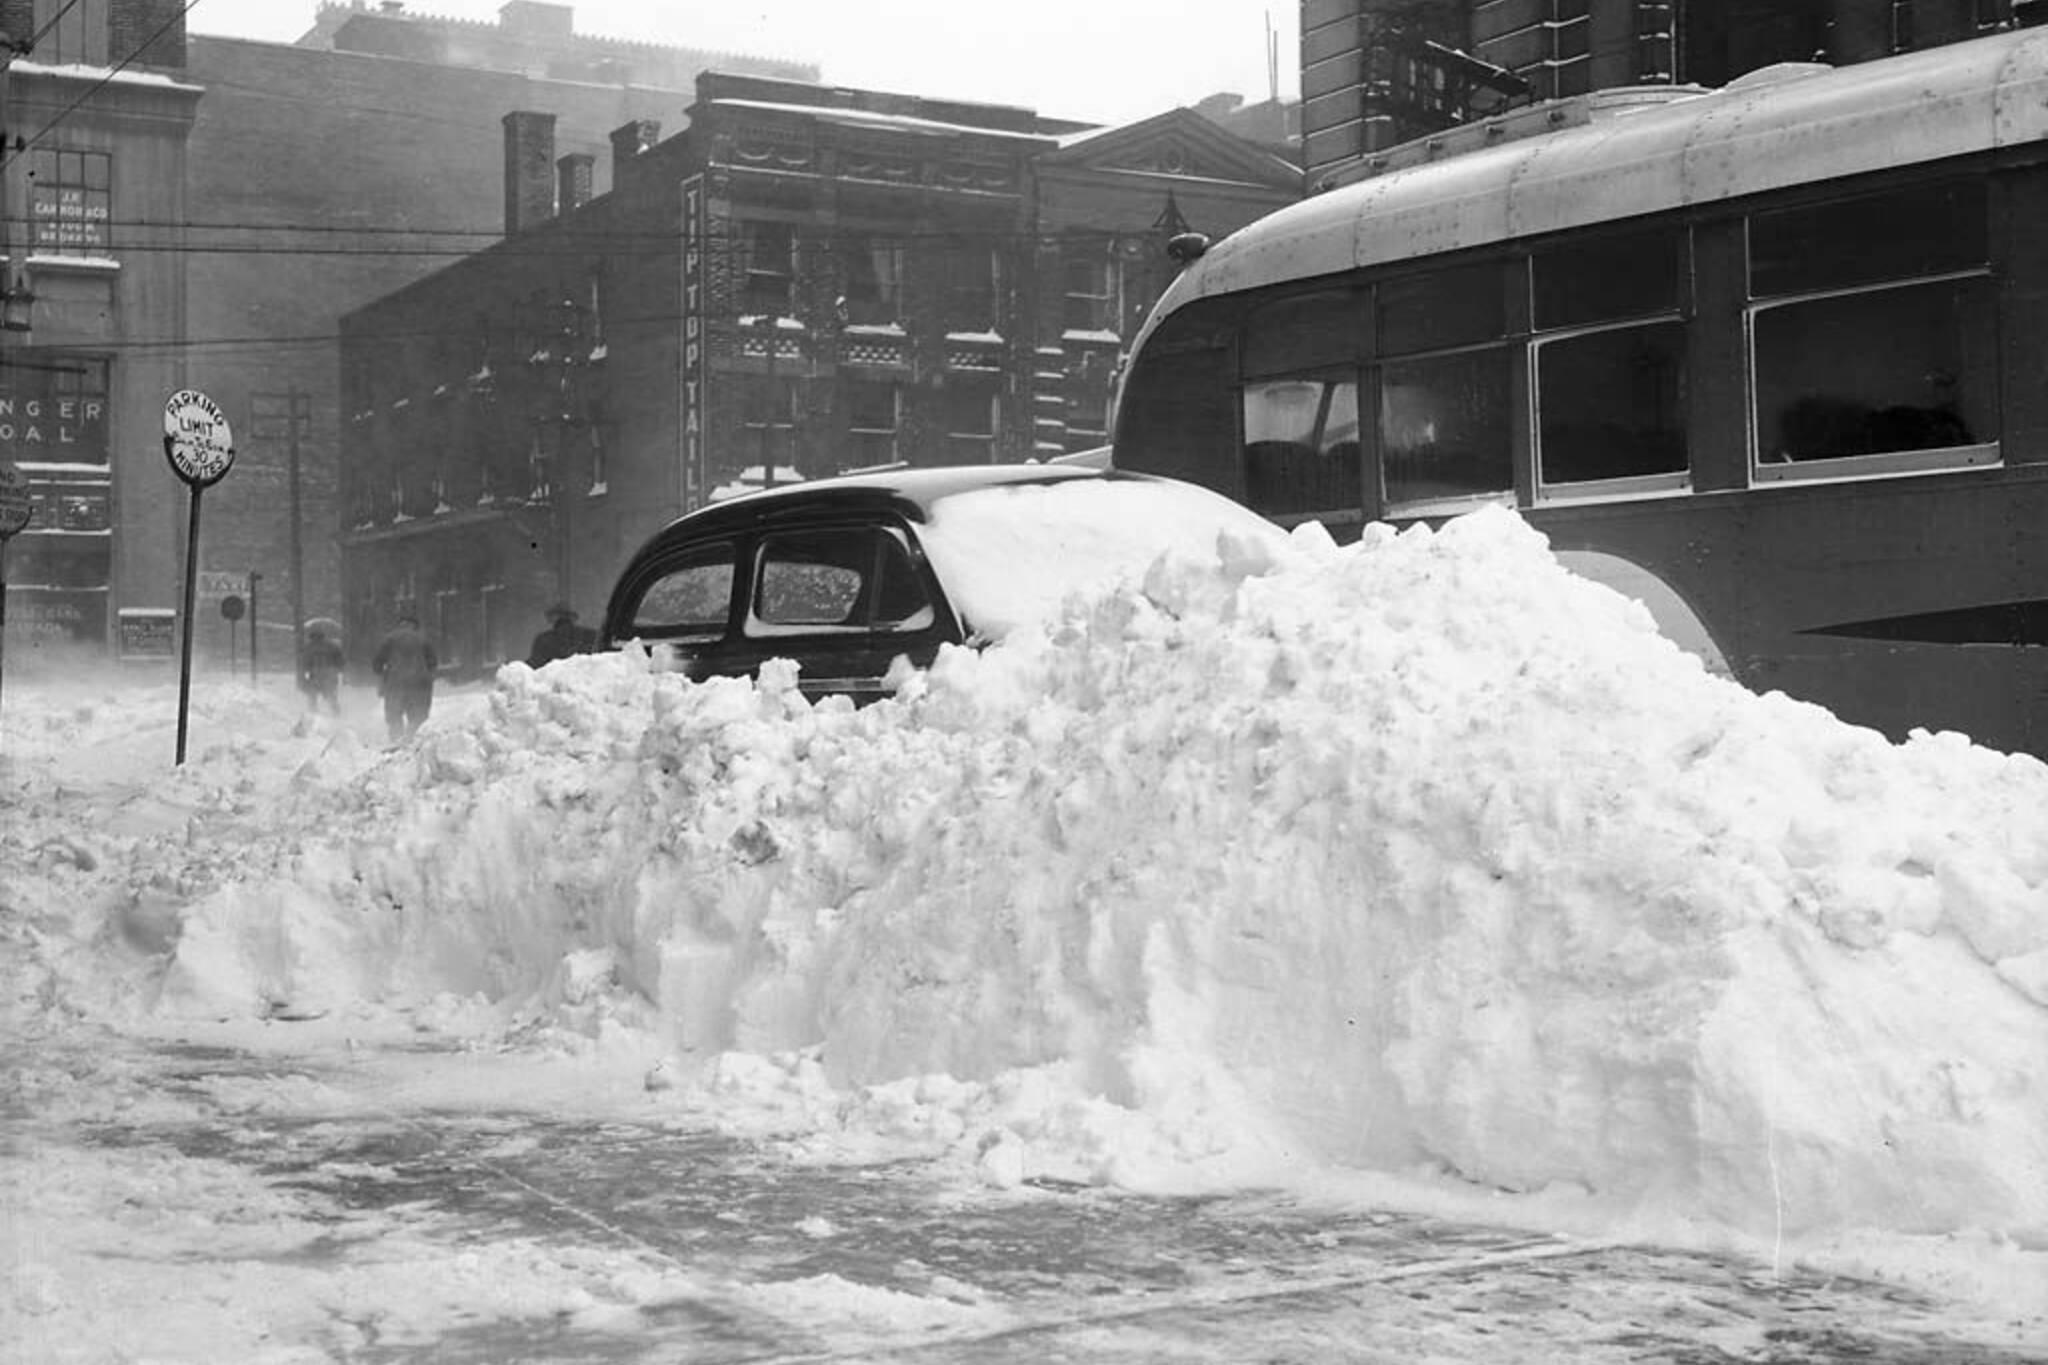 toronto snowstorm 1944